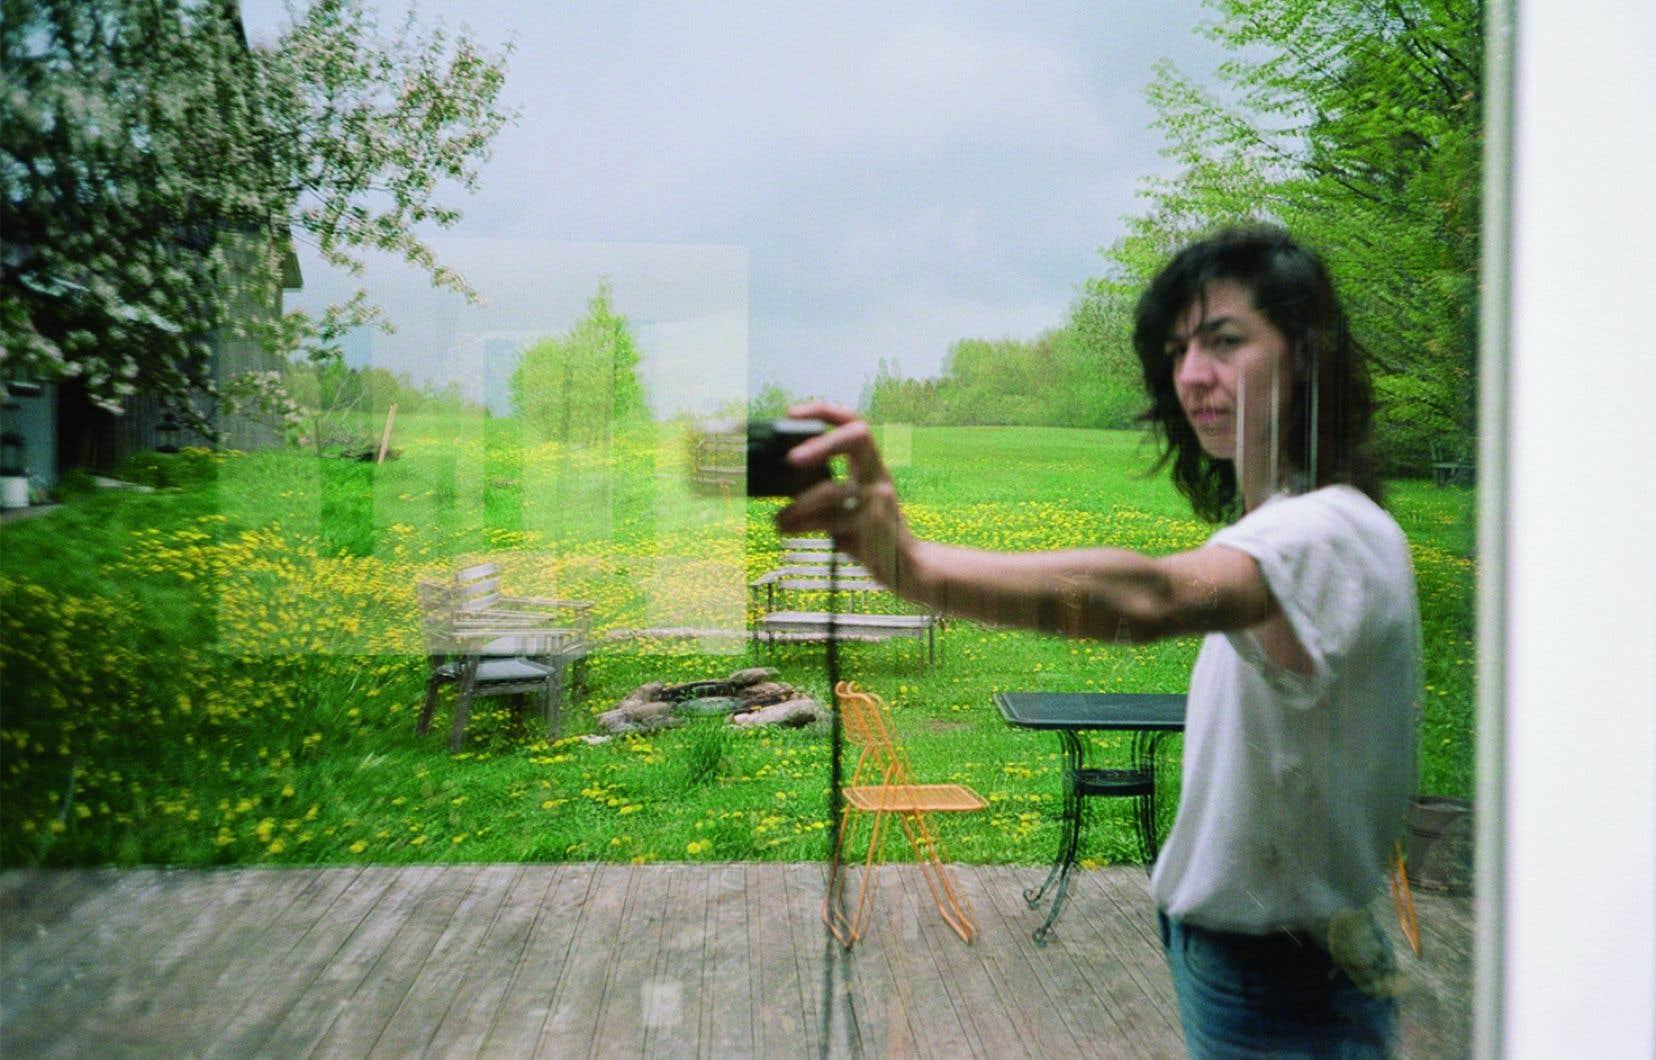 Sara A. Tremblay, une artiste visuelle, technicienne et enseignante dans le milieu artistique universitaire, tente à sa manière de «faire un lien» entre des artistes visuels et le public grâce à son projet «Les encans de la quarantaine».